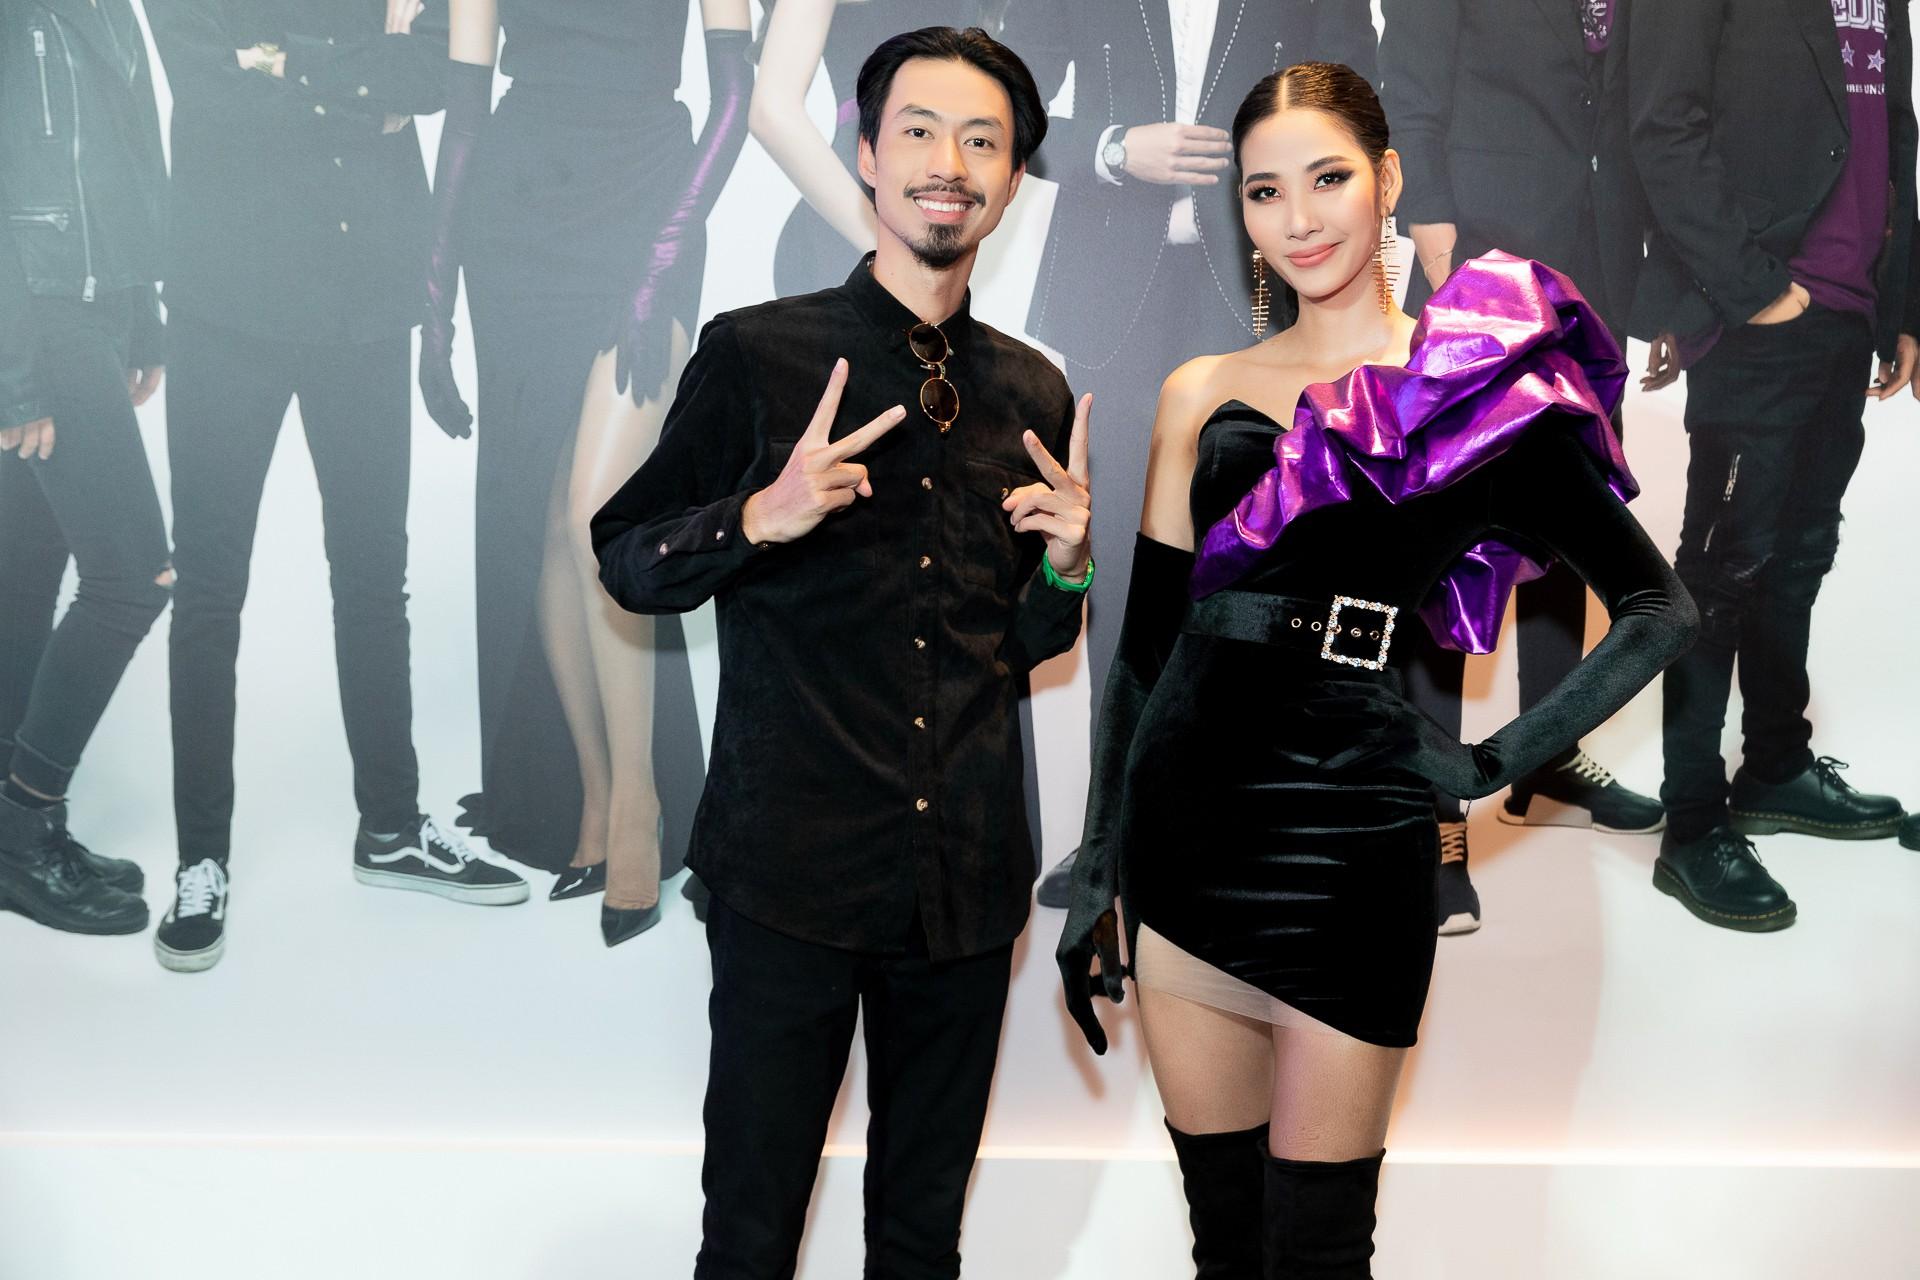 Hoa hậu Hương Giang hờ hững khoe vòng 1 gợi cảm, rapper Đen Vâu cực ngầu hội ngộ dàn sao Việt - Ảnh 6.